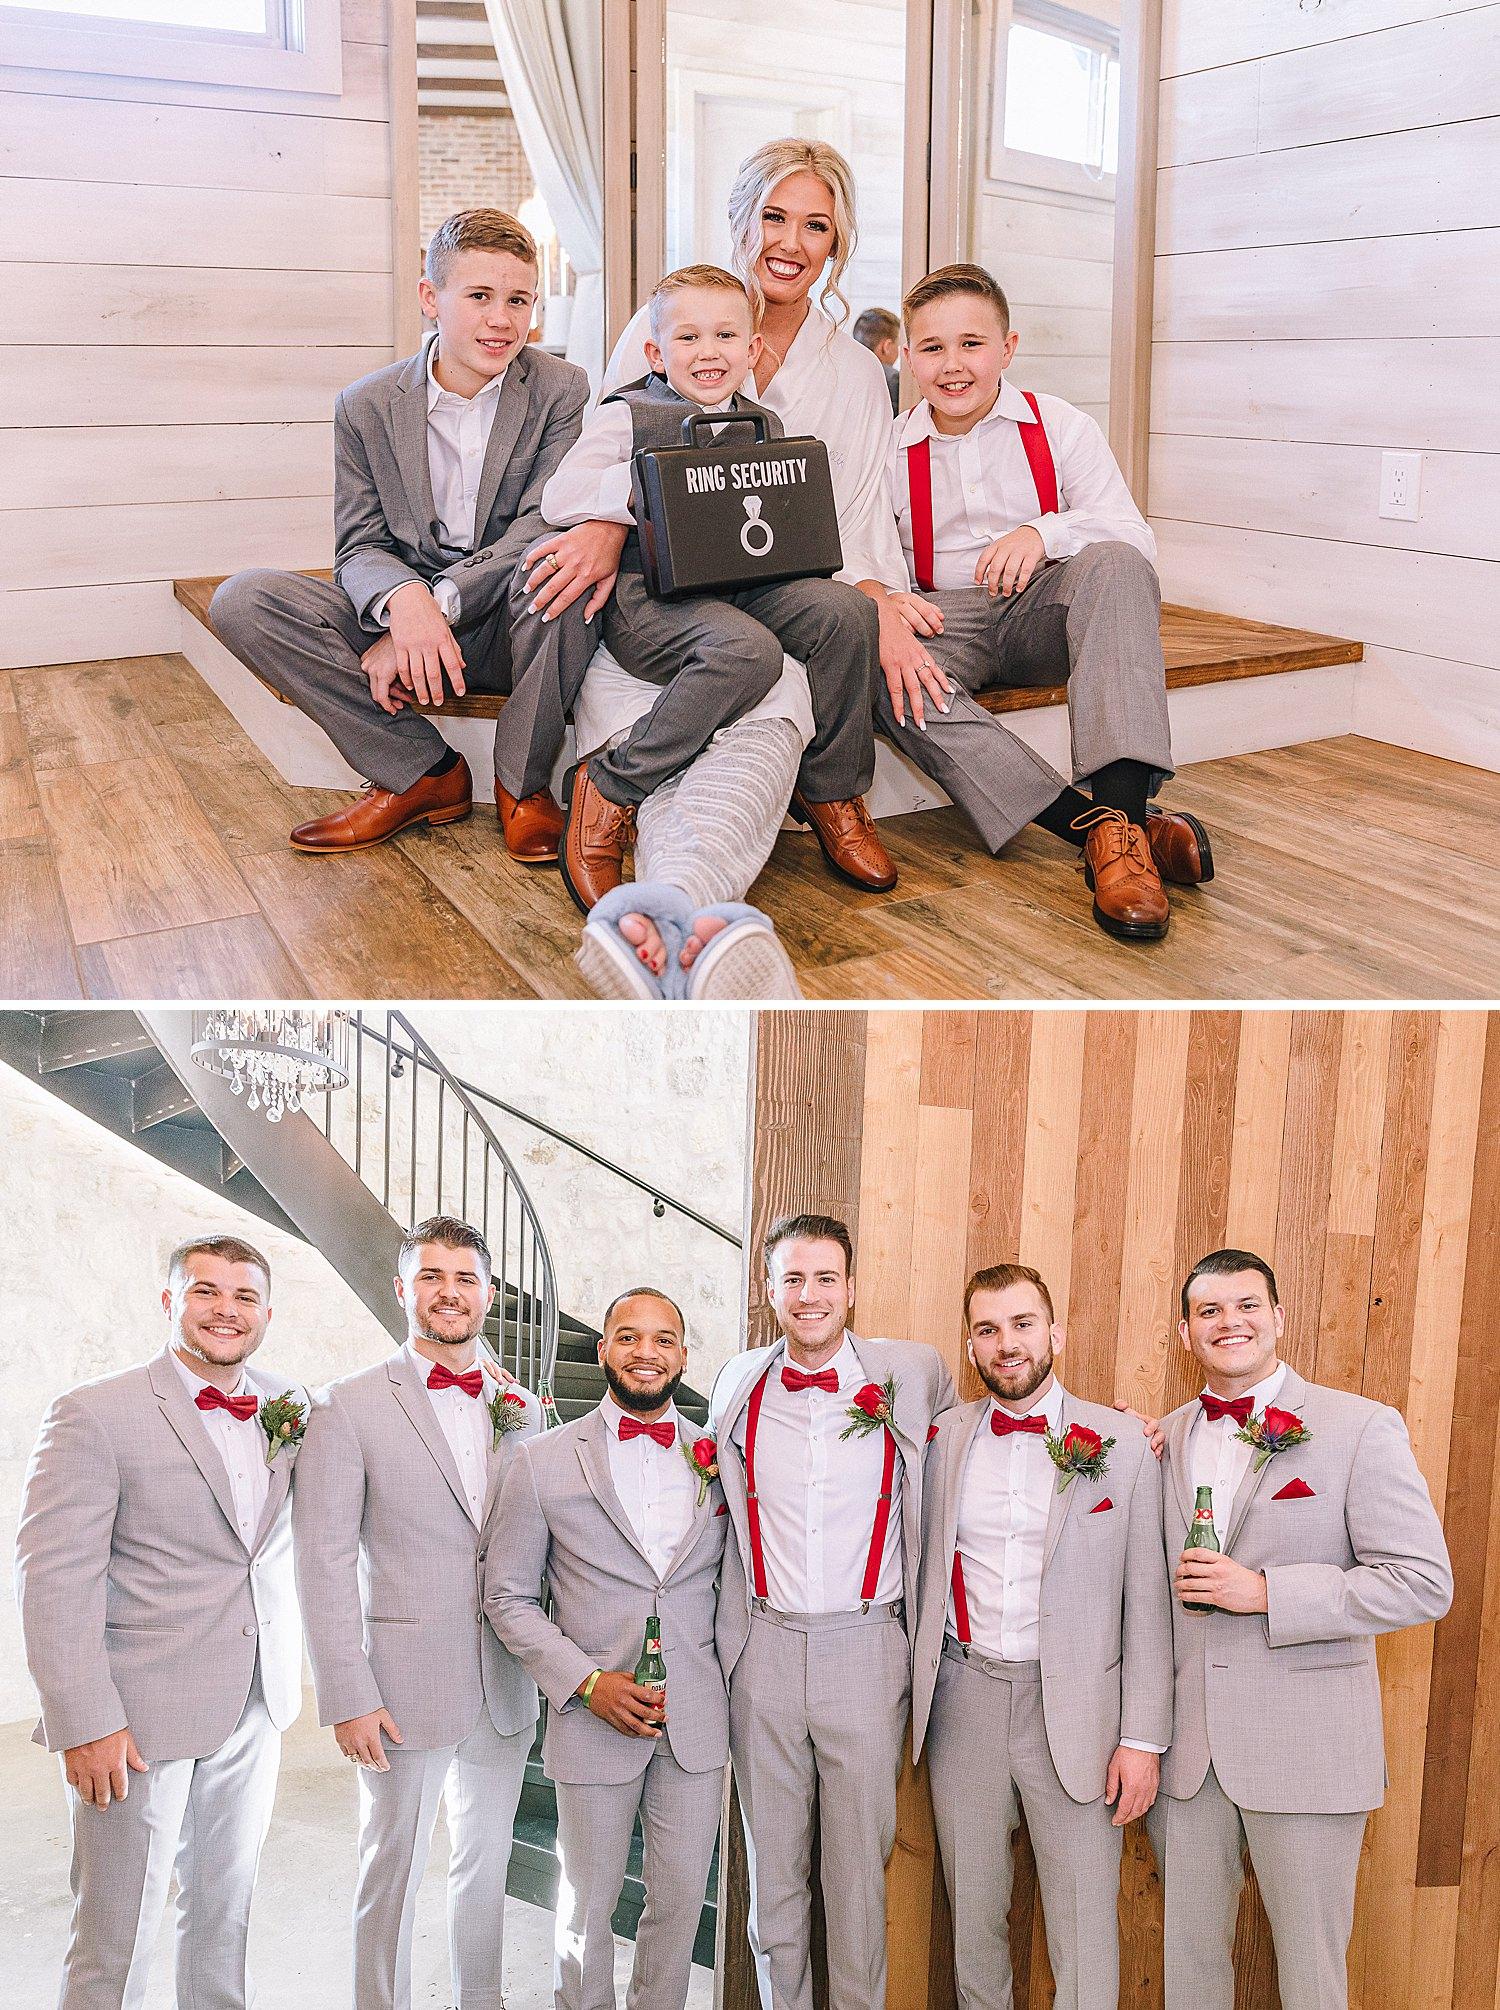 College-Station-Aggie-Wedding-The-Weinberg-at-Wixon-Valley-Christmas-Hallmark-Wedding_0043.jpg